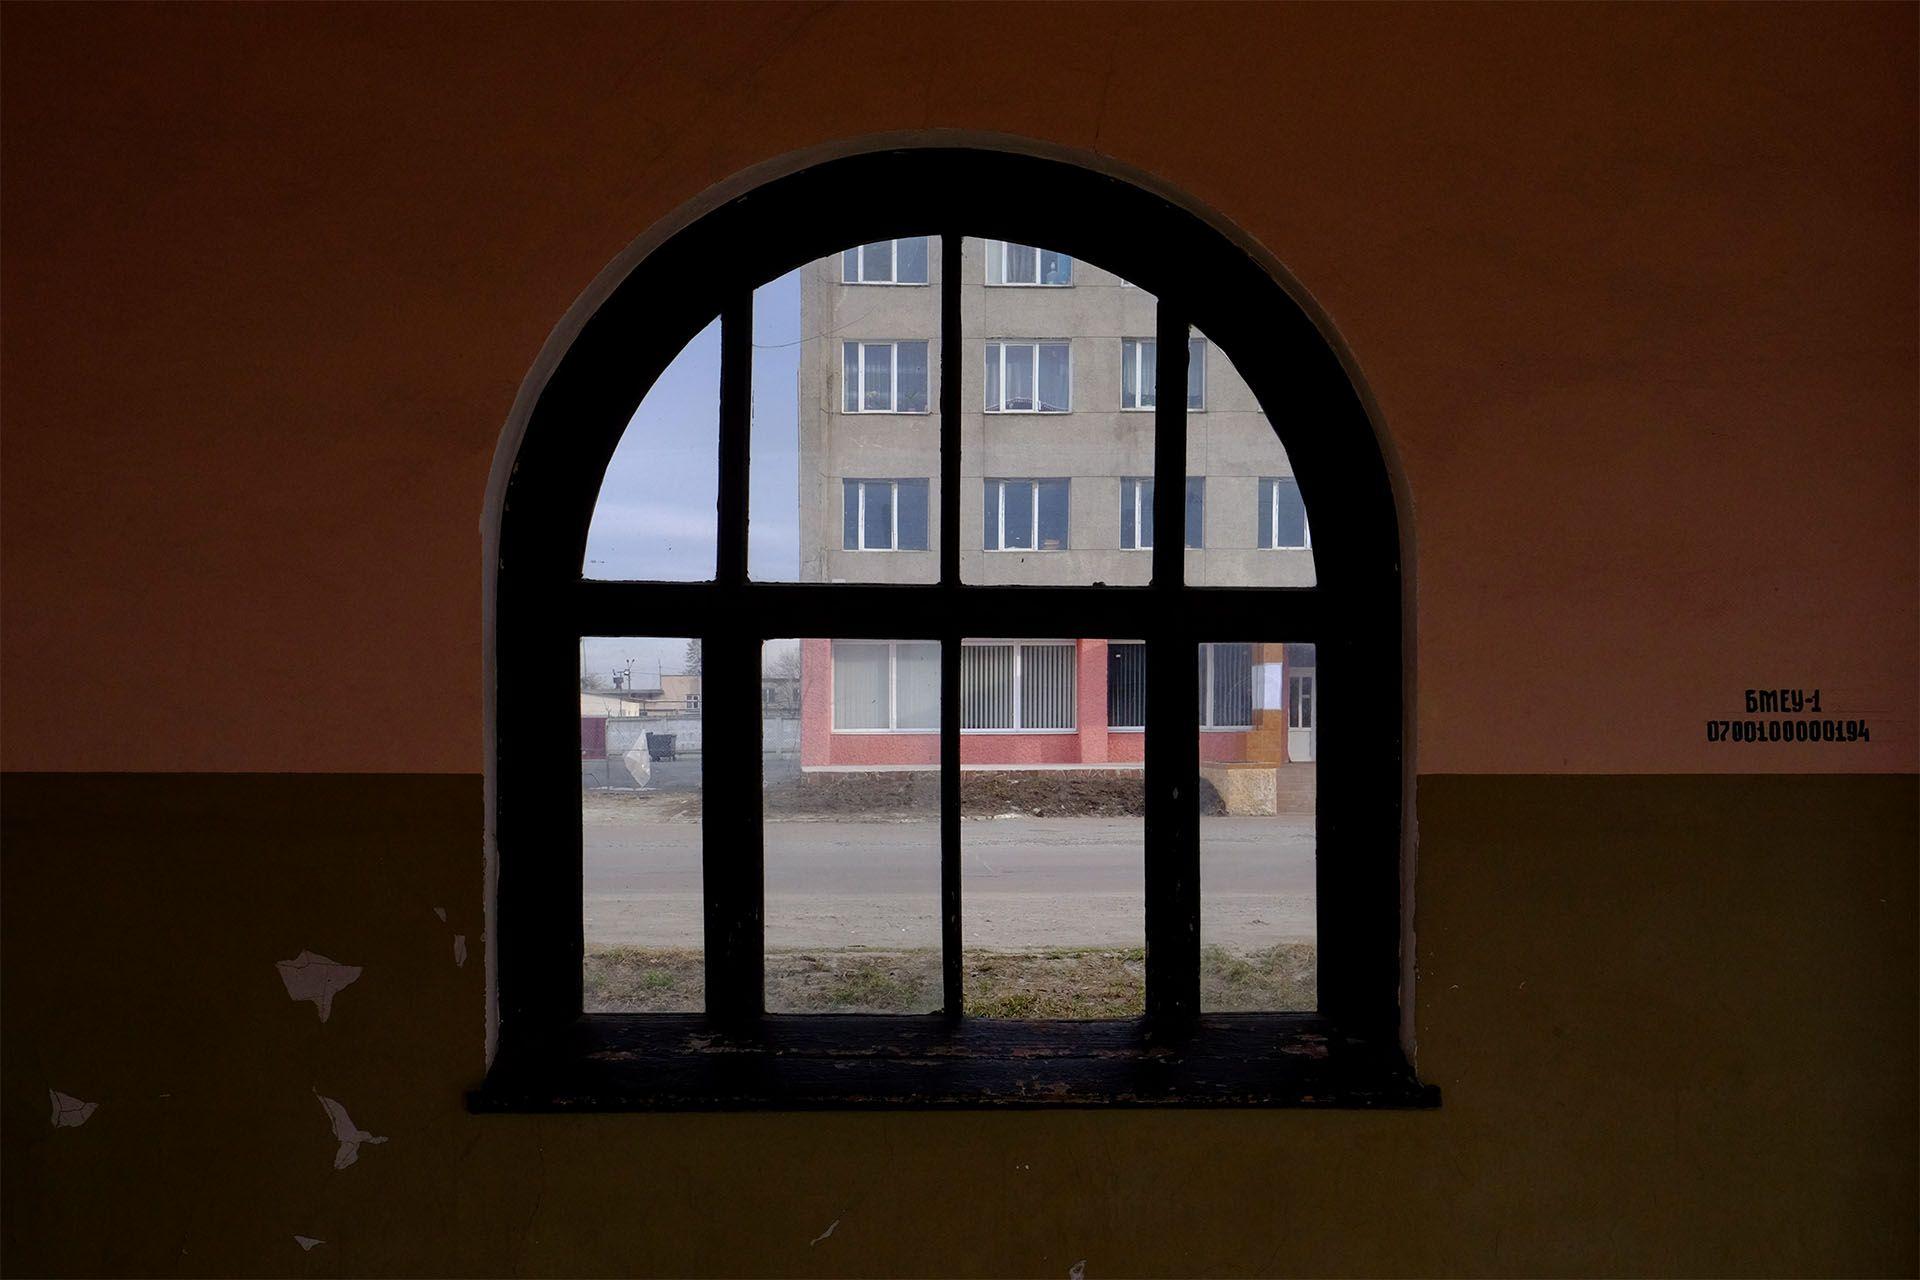 Велика цегляна споруда з вікном